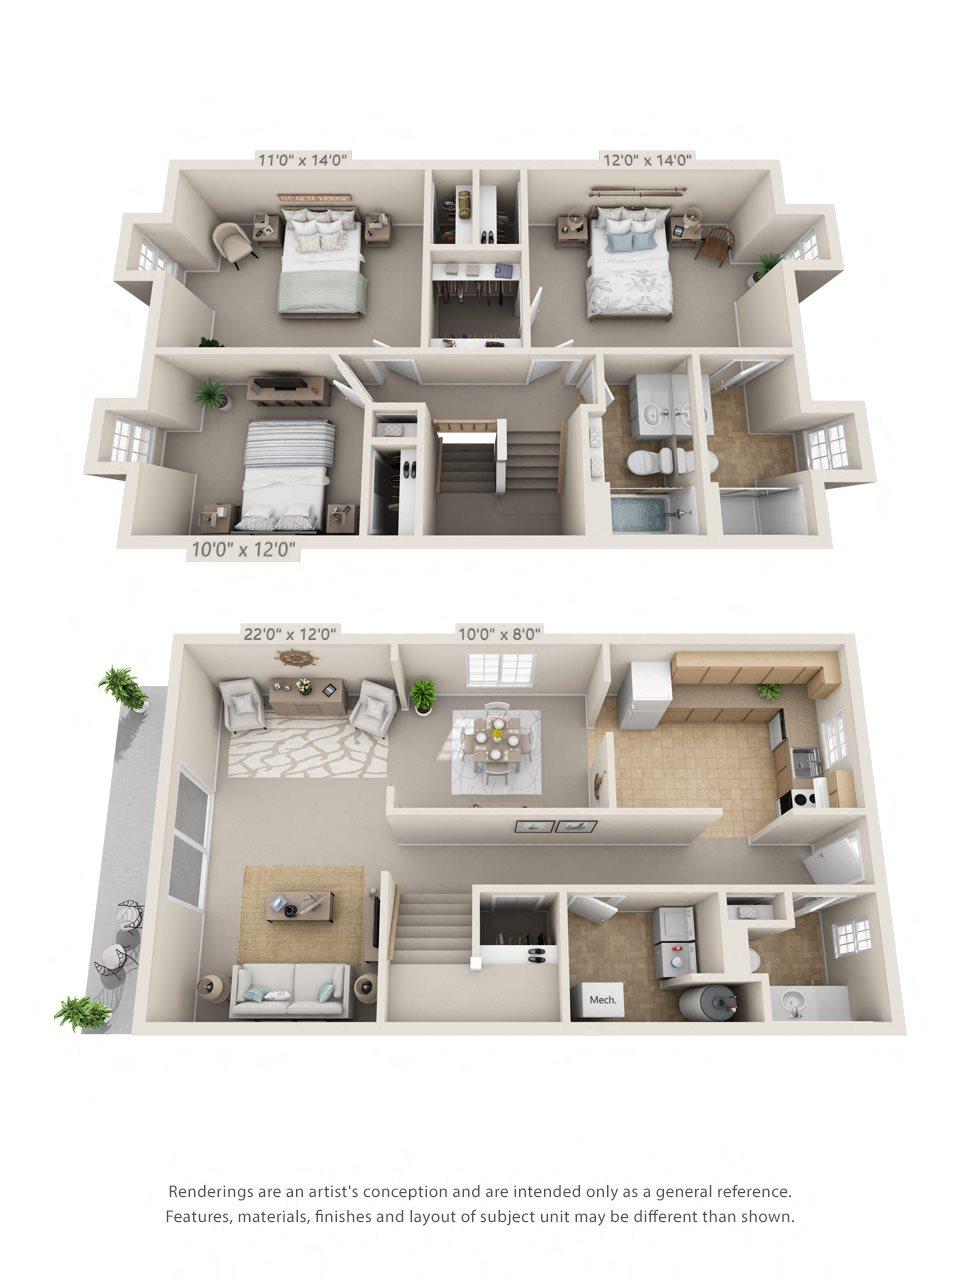 3 Bedroom, 2 1/2 Bath Townhome Floor Plan 5